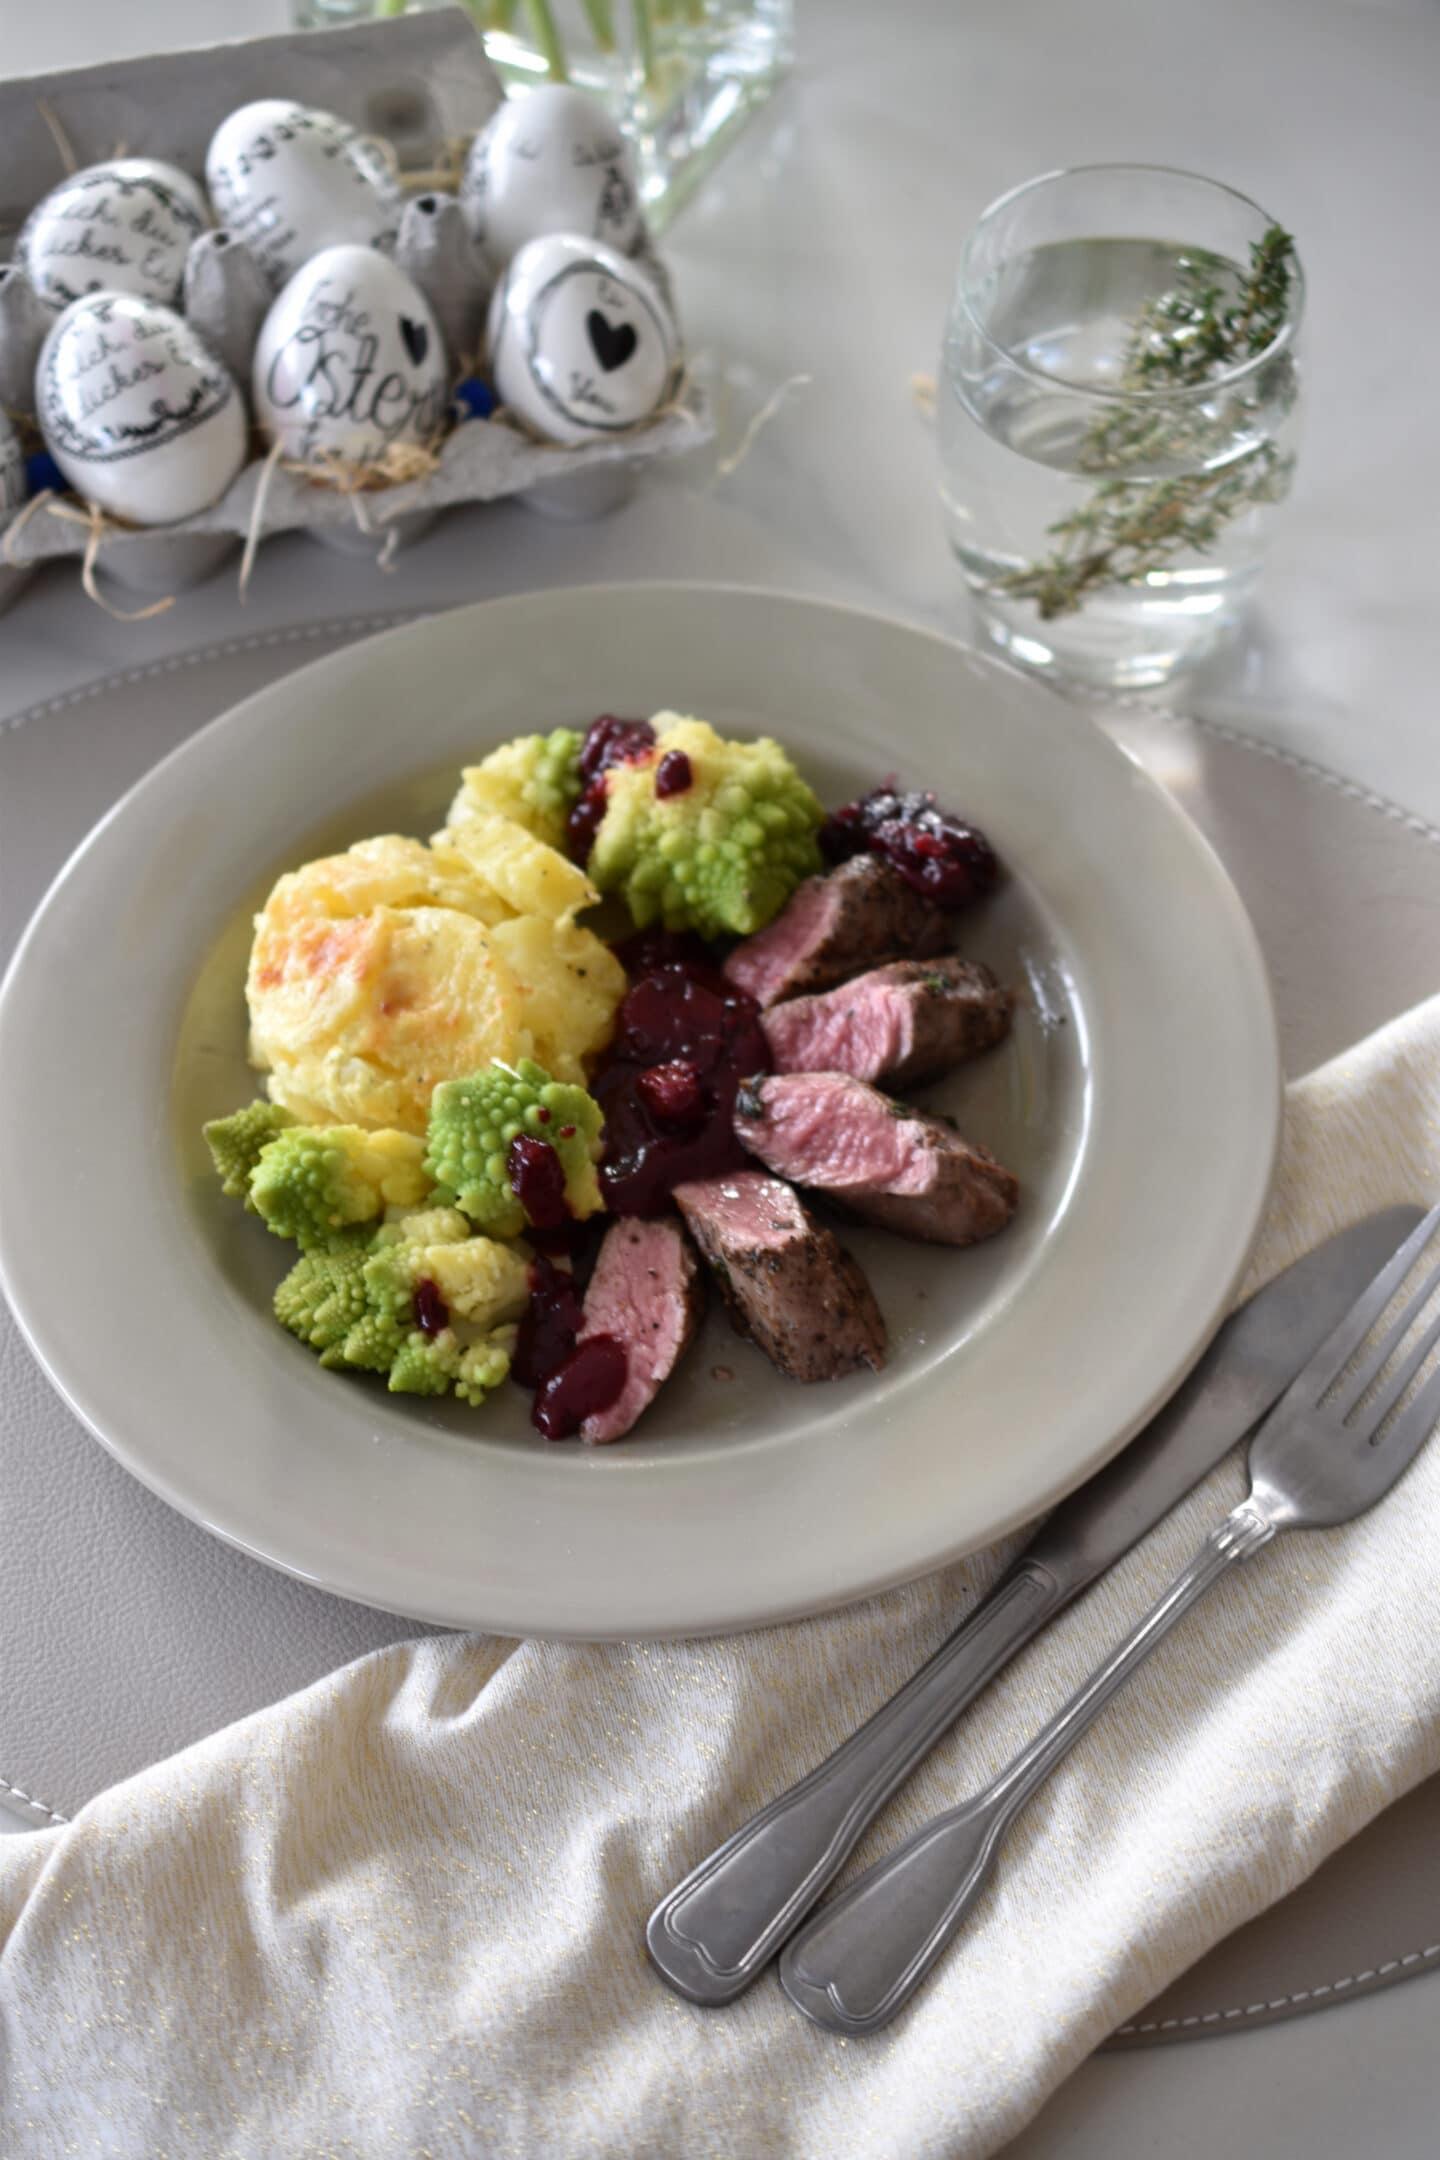 Lammfilet mit Kartoffelgratin, Romanesco & Kirschsauce - das Osteressen